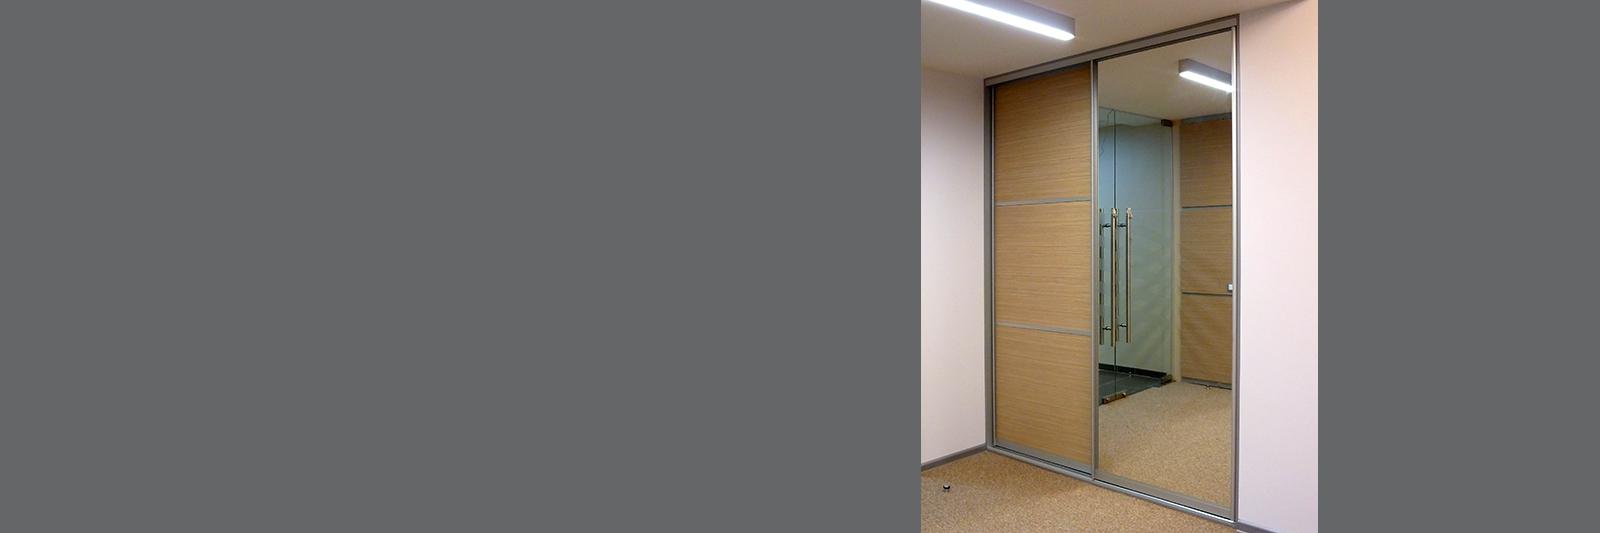 Шкаф офисный гардеробный на заказ с раздвижными дверями